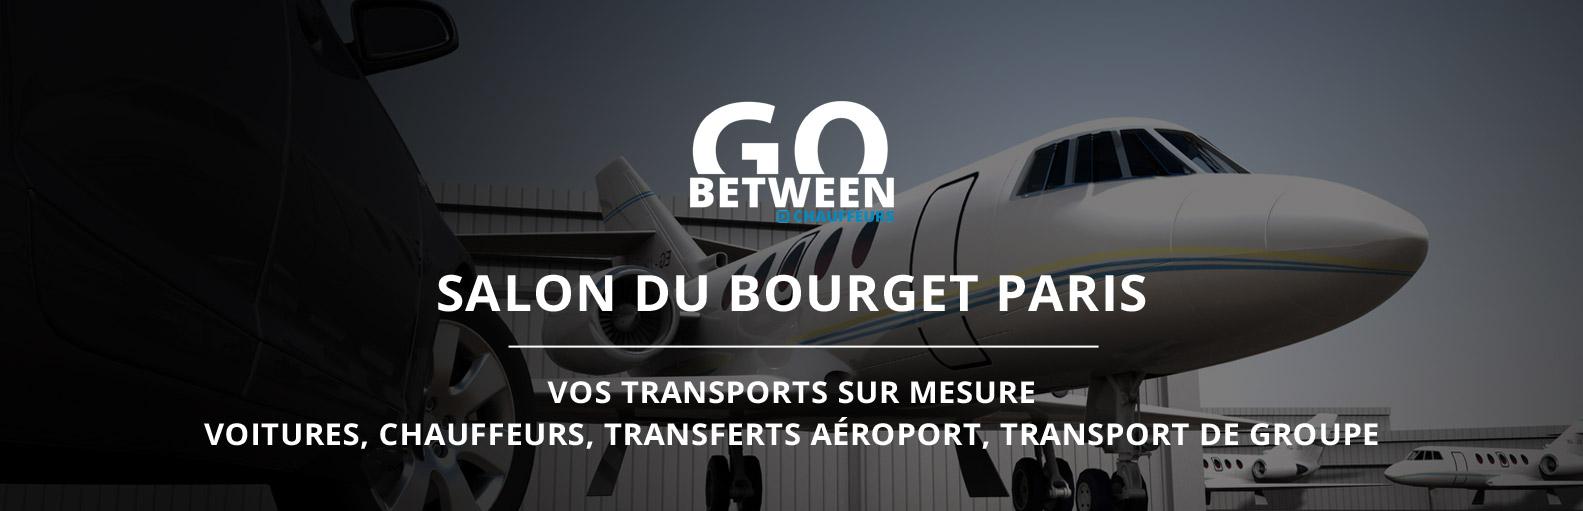 Paris Salon du Bourget 2023 chauffeur privé VTC avec ou sans voiture